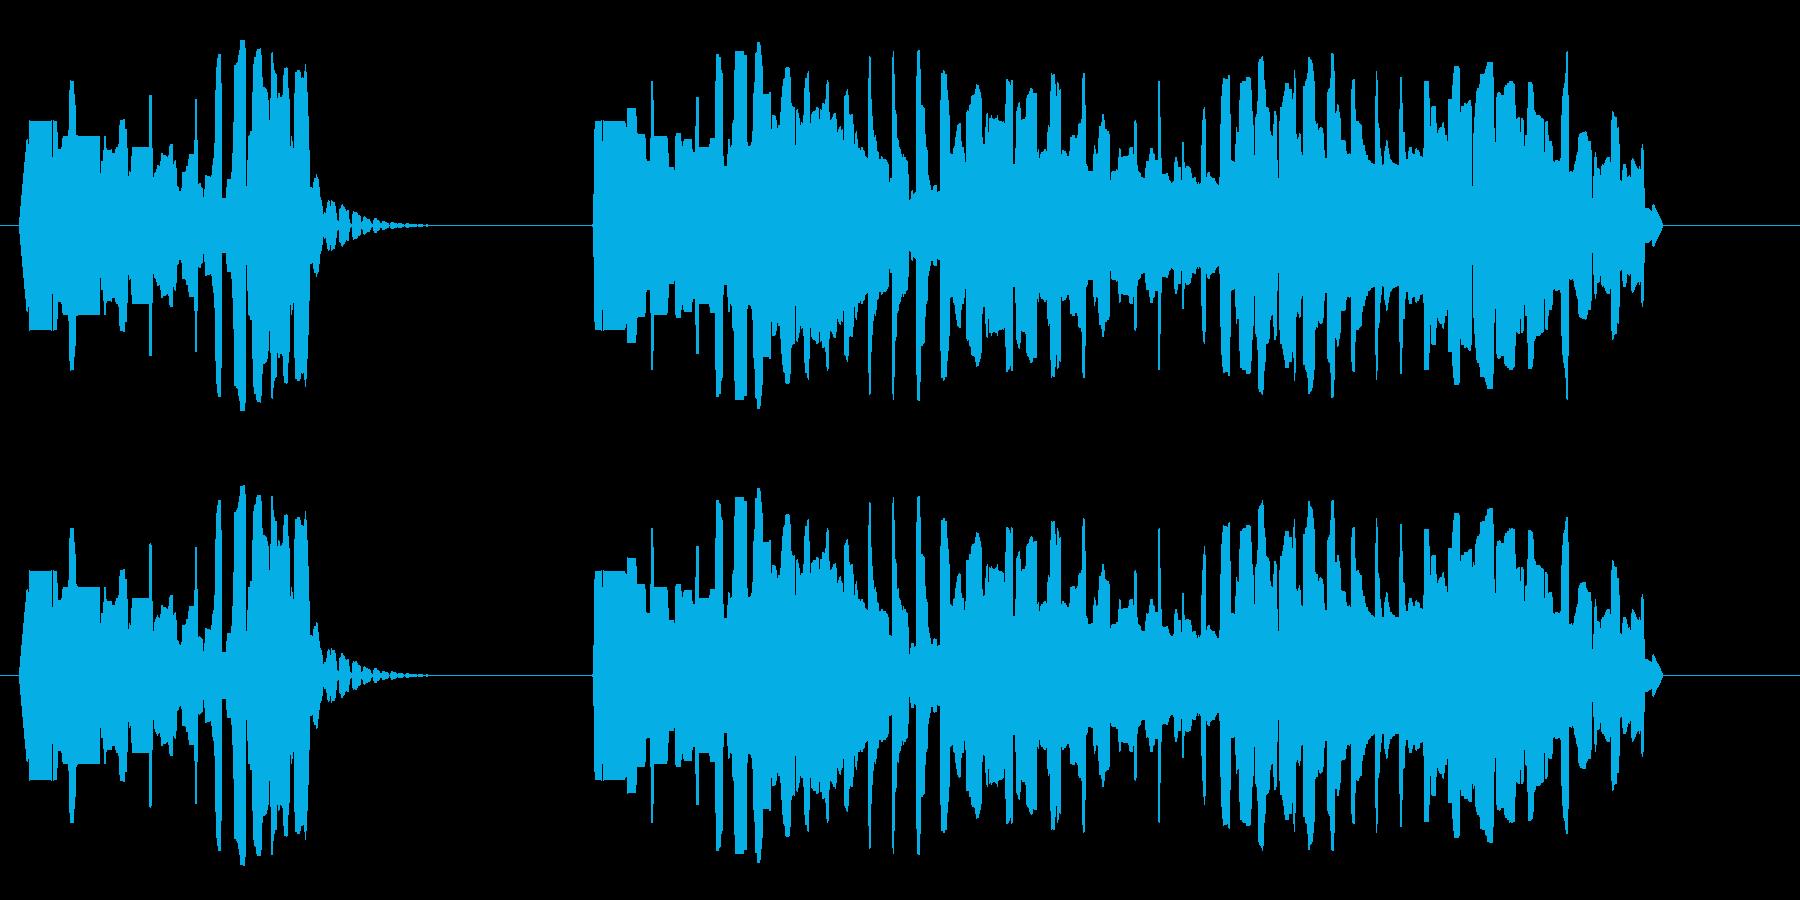 ブッブー(濁った低音で不正解告知)の再生済みの波形